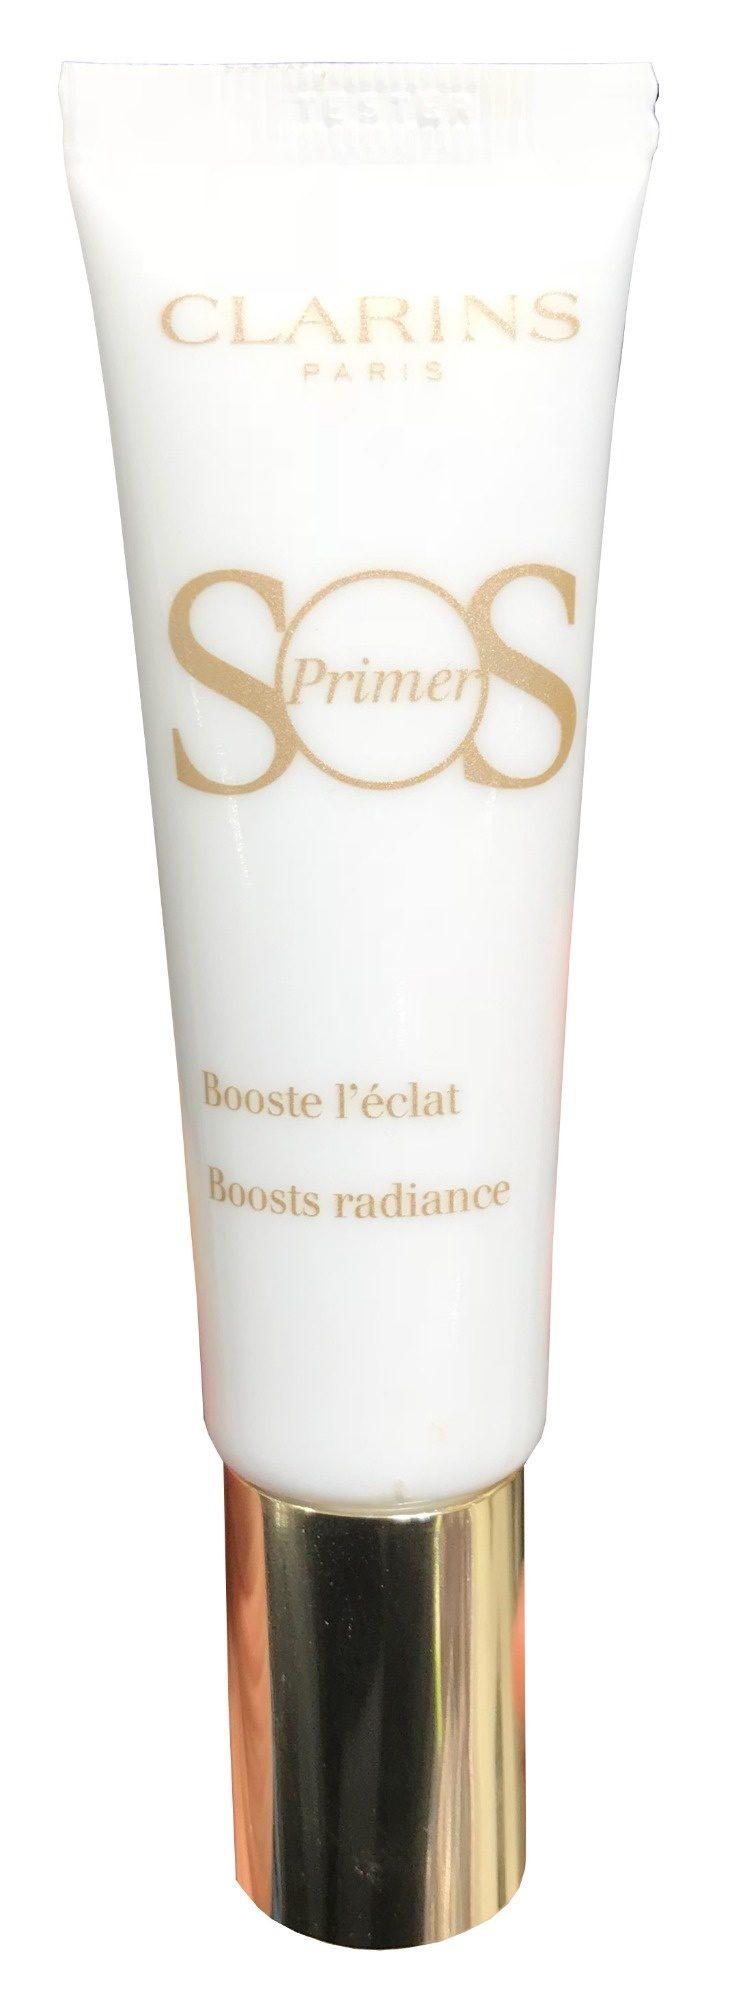 CLARINS SOS PRIMER 00 - Booste l'éclat - Product